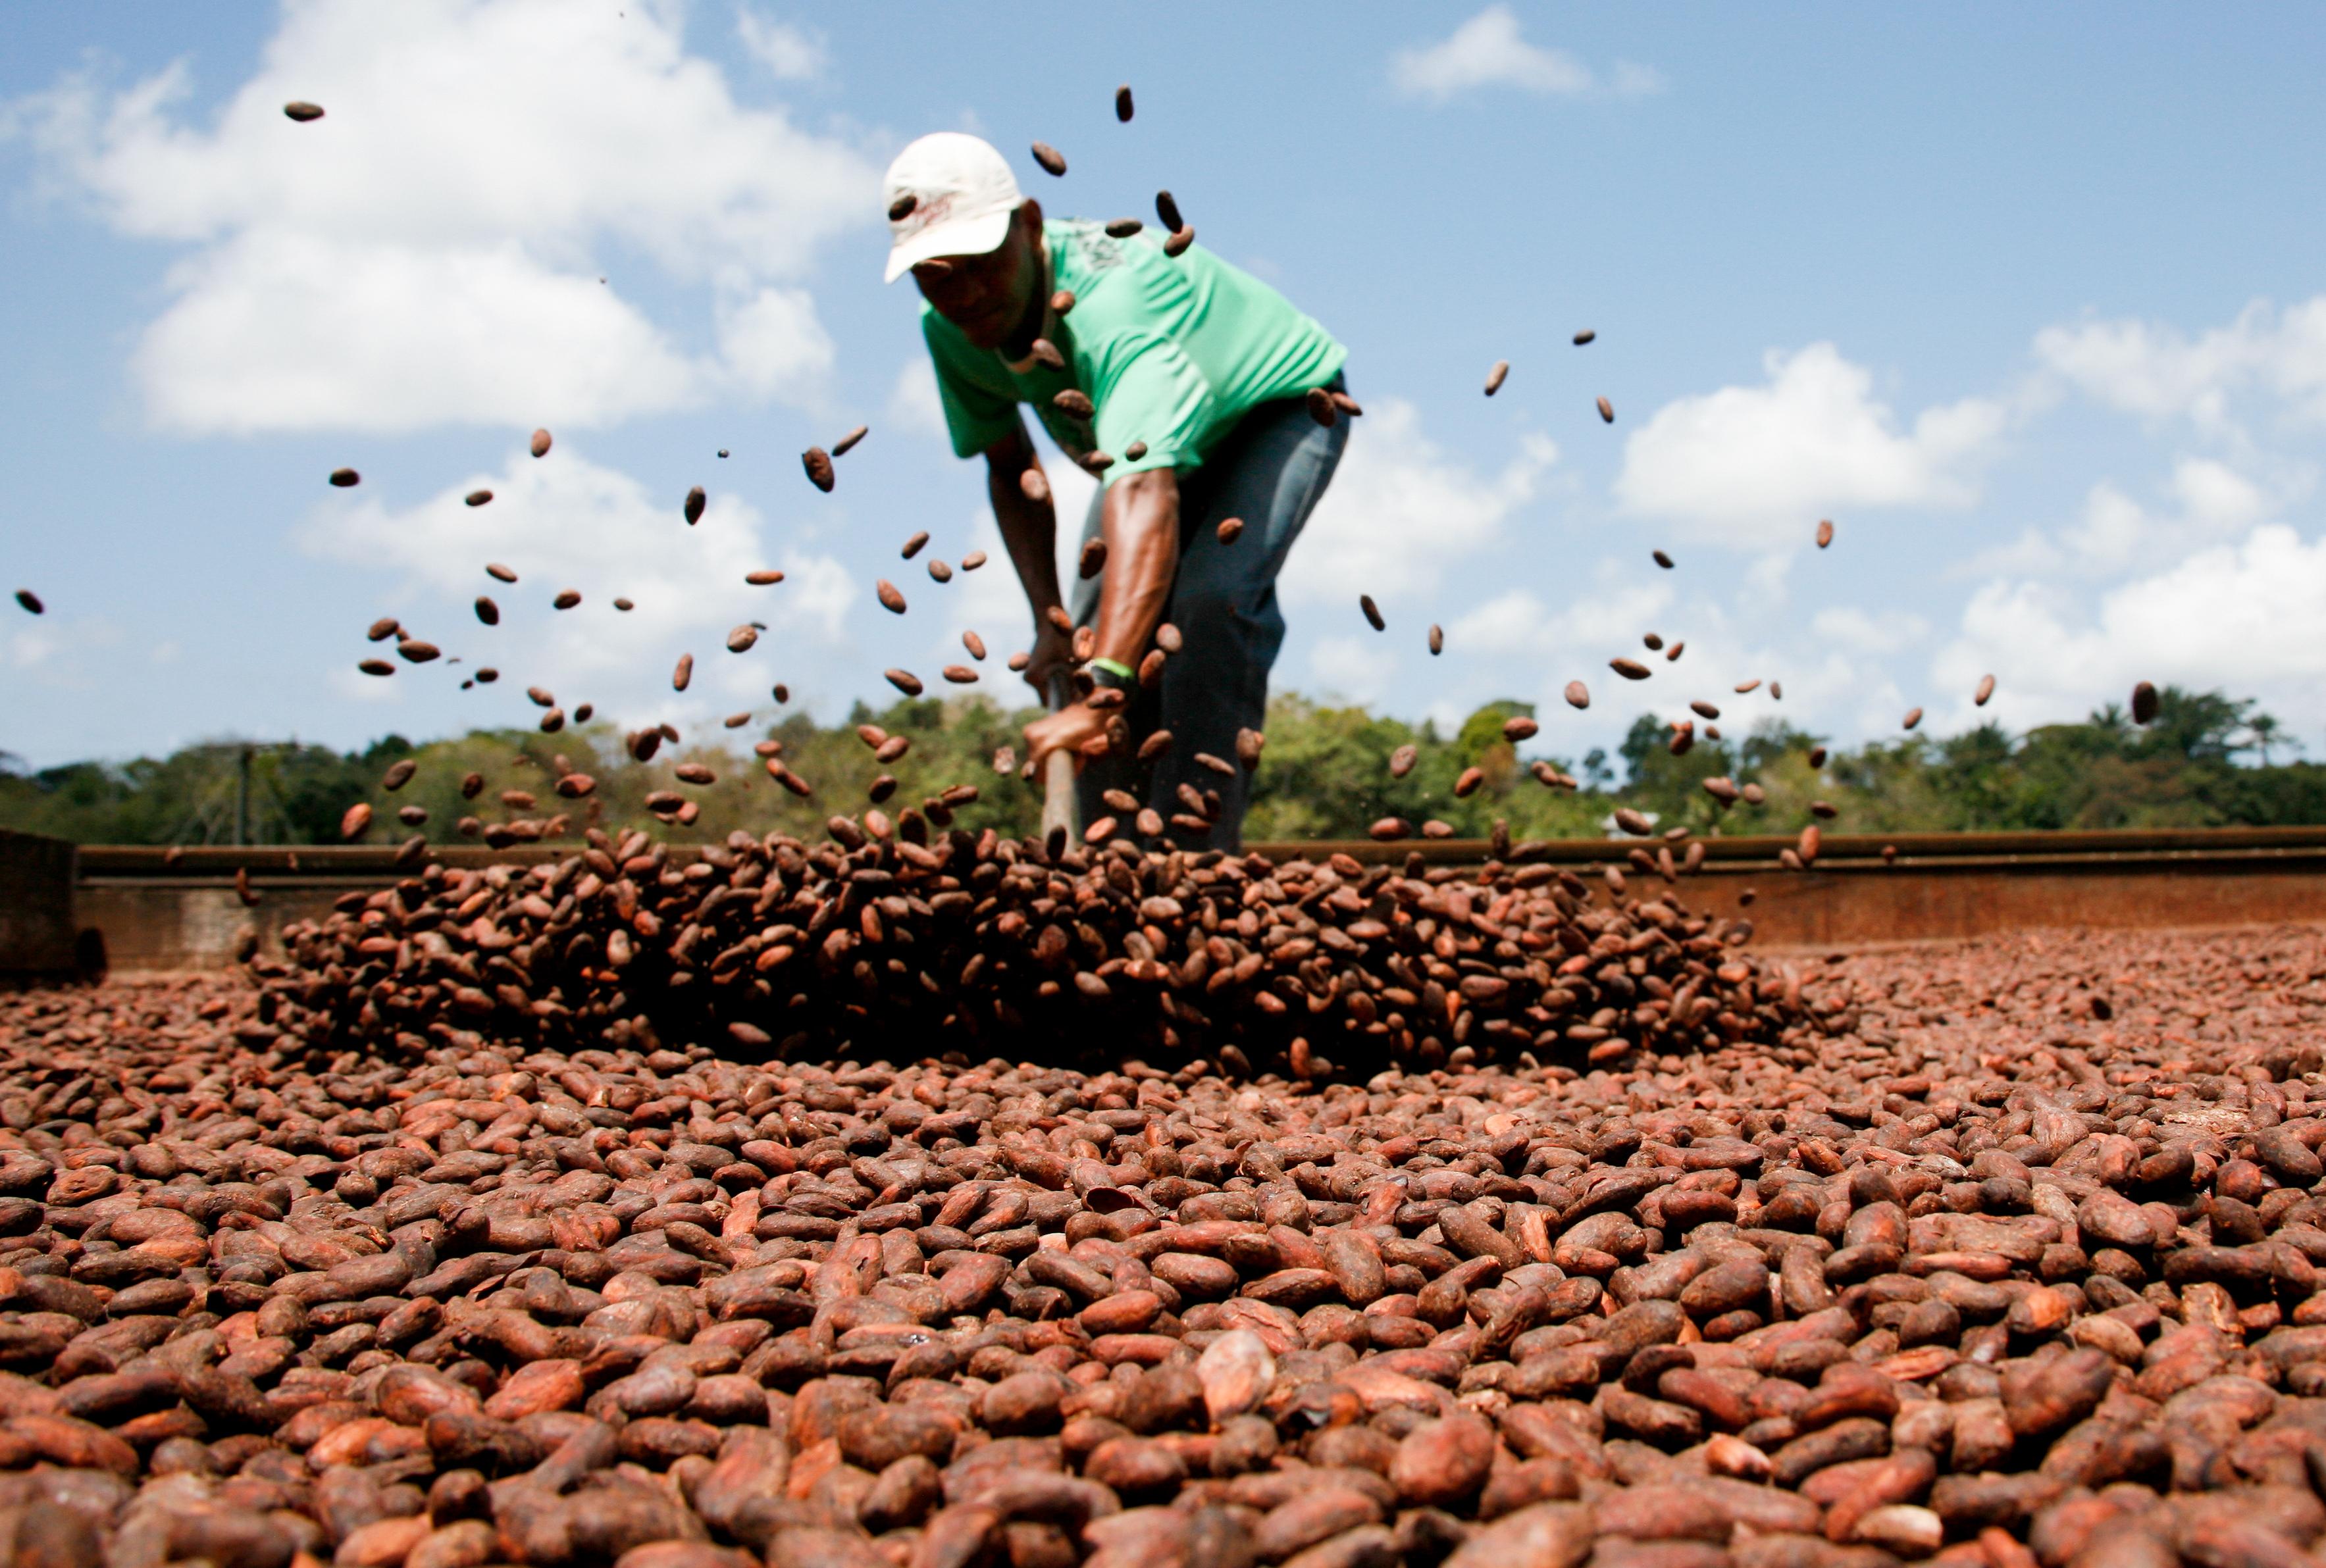 Cultivo do Cacau, importante fonte de renda local. Fotos: Divulgação